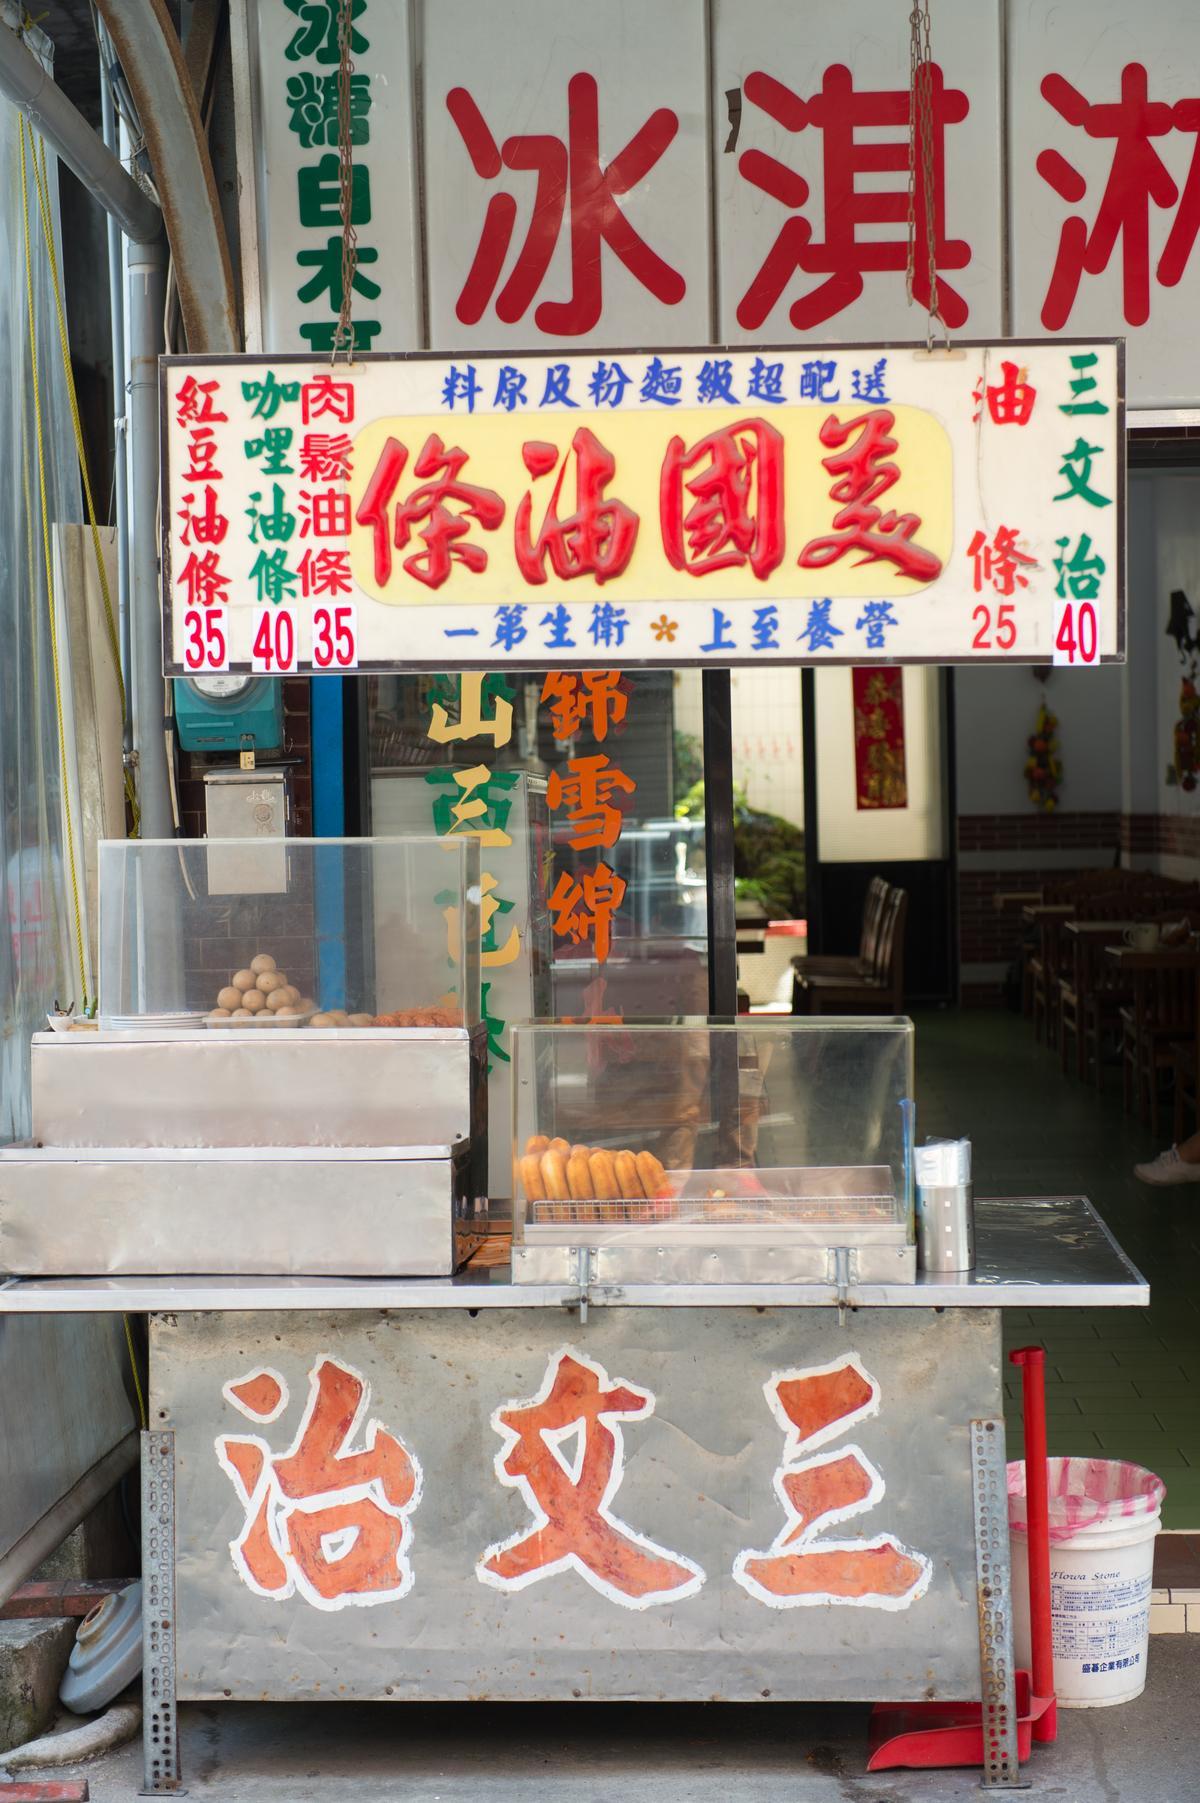 「正東山冰屋」的立體招牌,繽紛顏色及美學技法紀錄了60、70年代台灣街巷常見的廣告招牌風情。